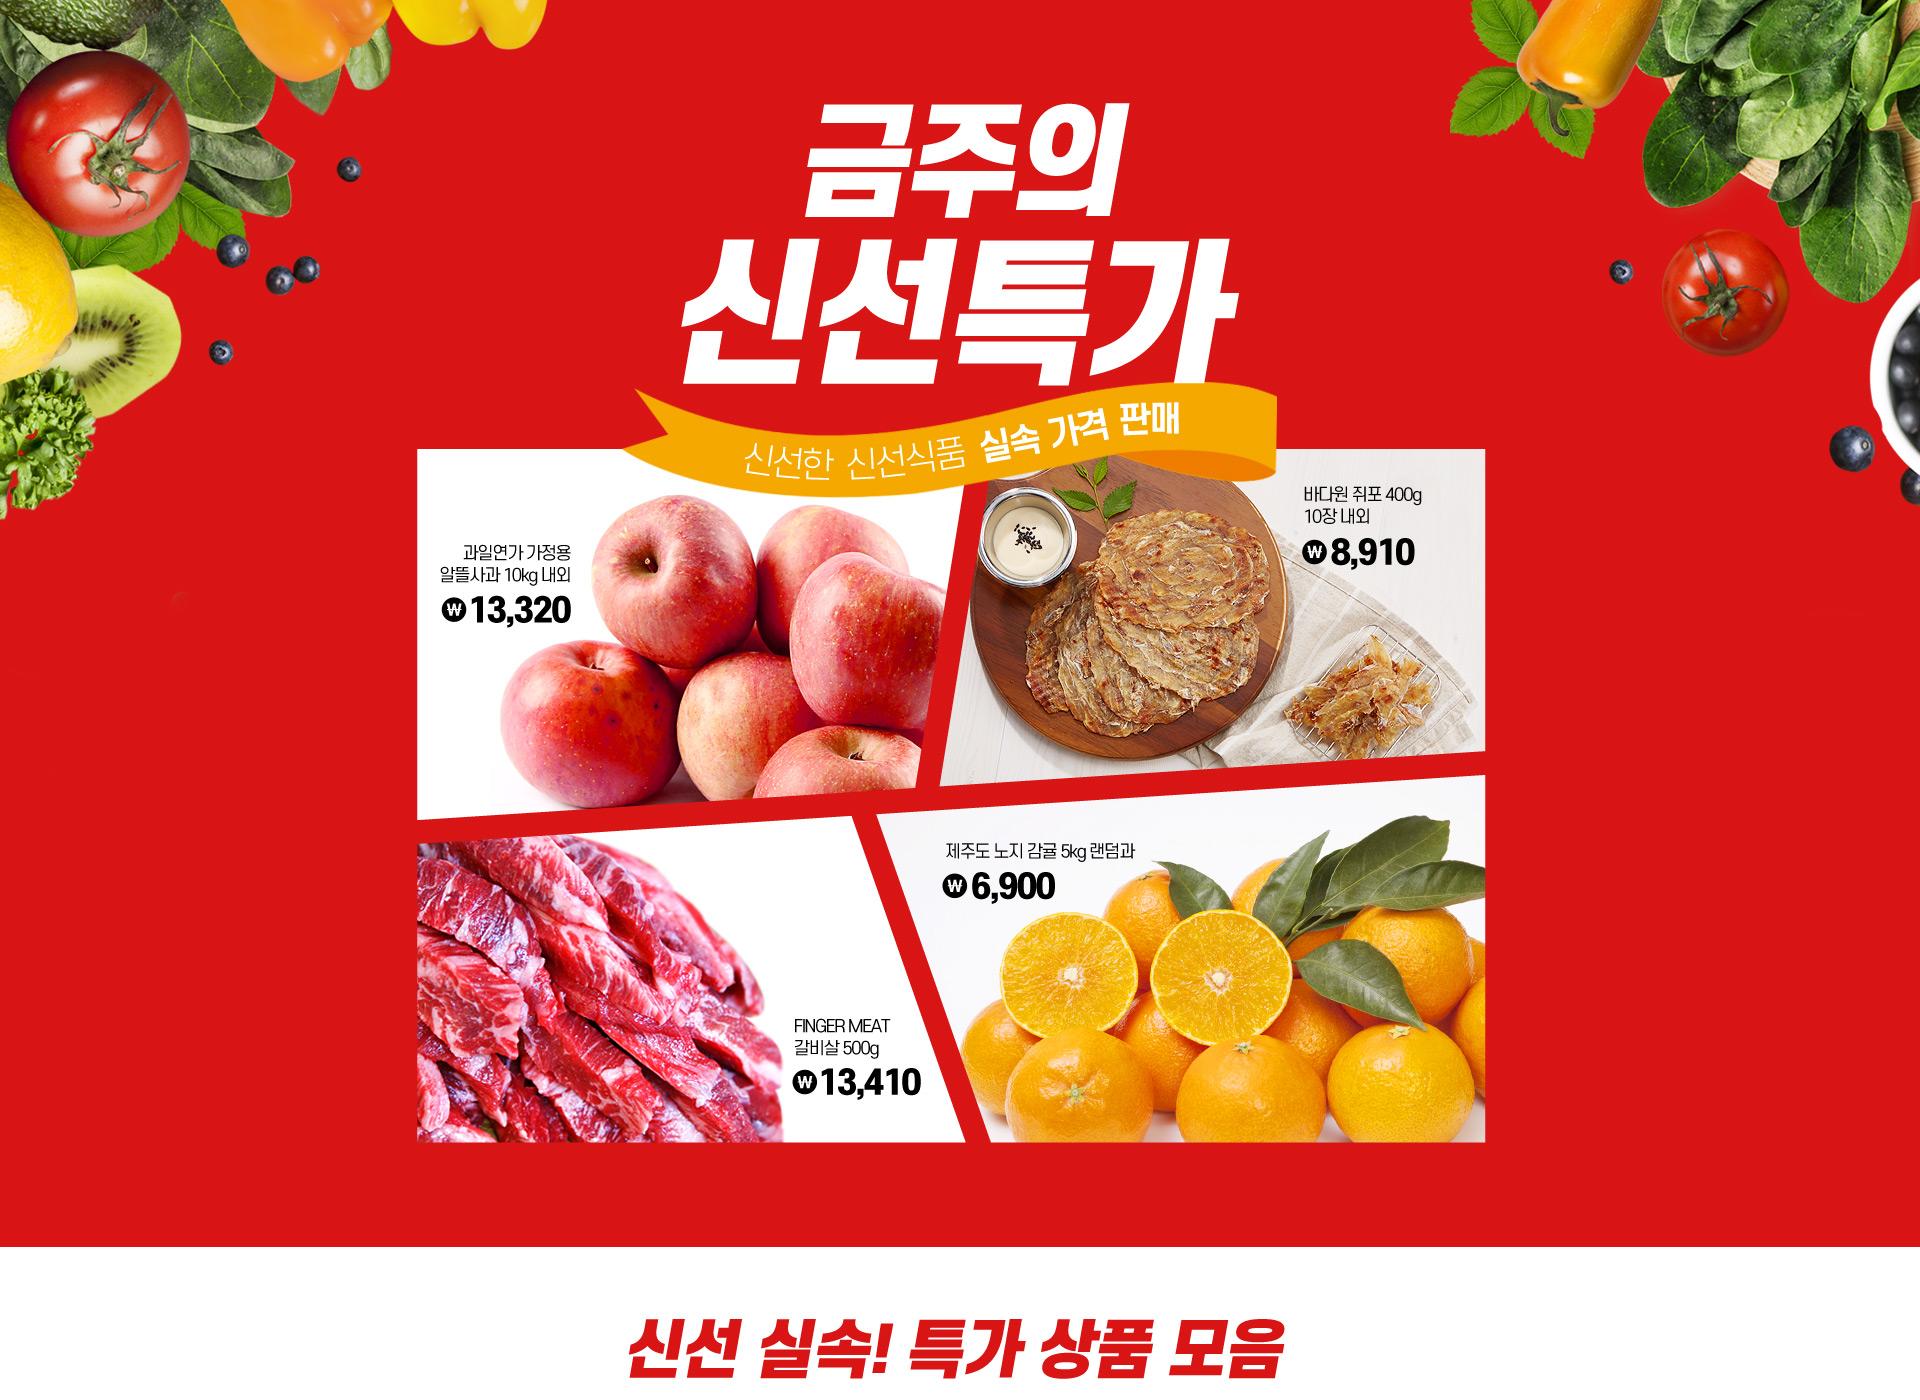 금주의 신선특가! 신선한 신선식품 실속 가격 판매